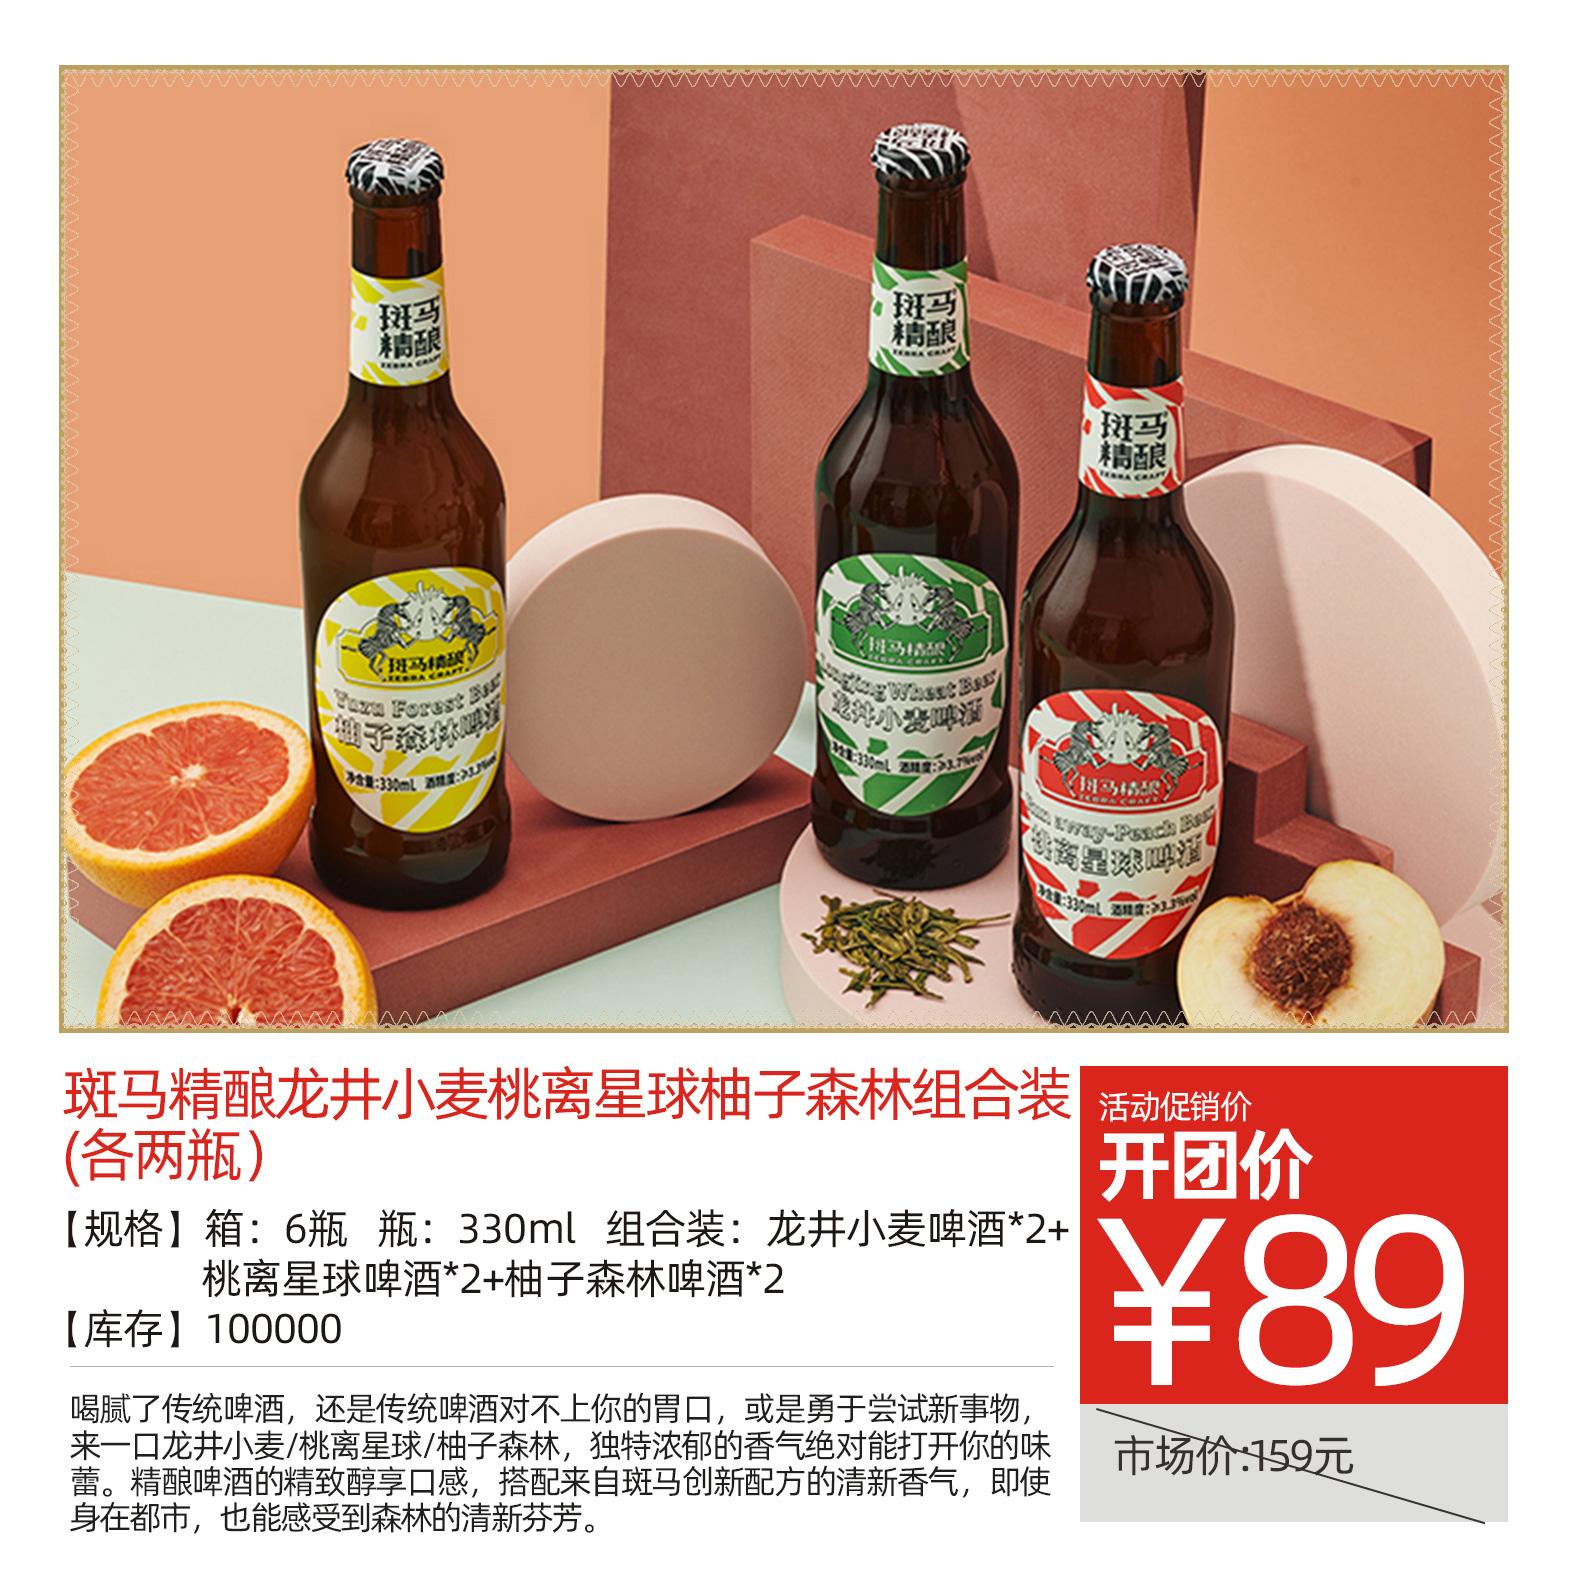 斑马精酿龙井小麦桃离星球柚子森林组合装(各两瓶)